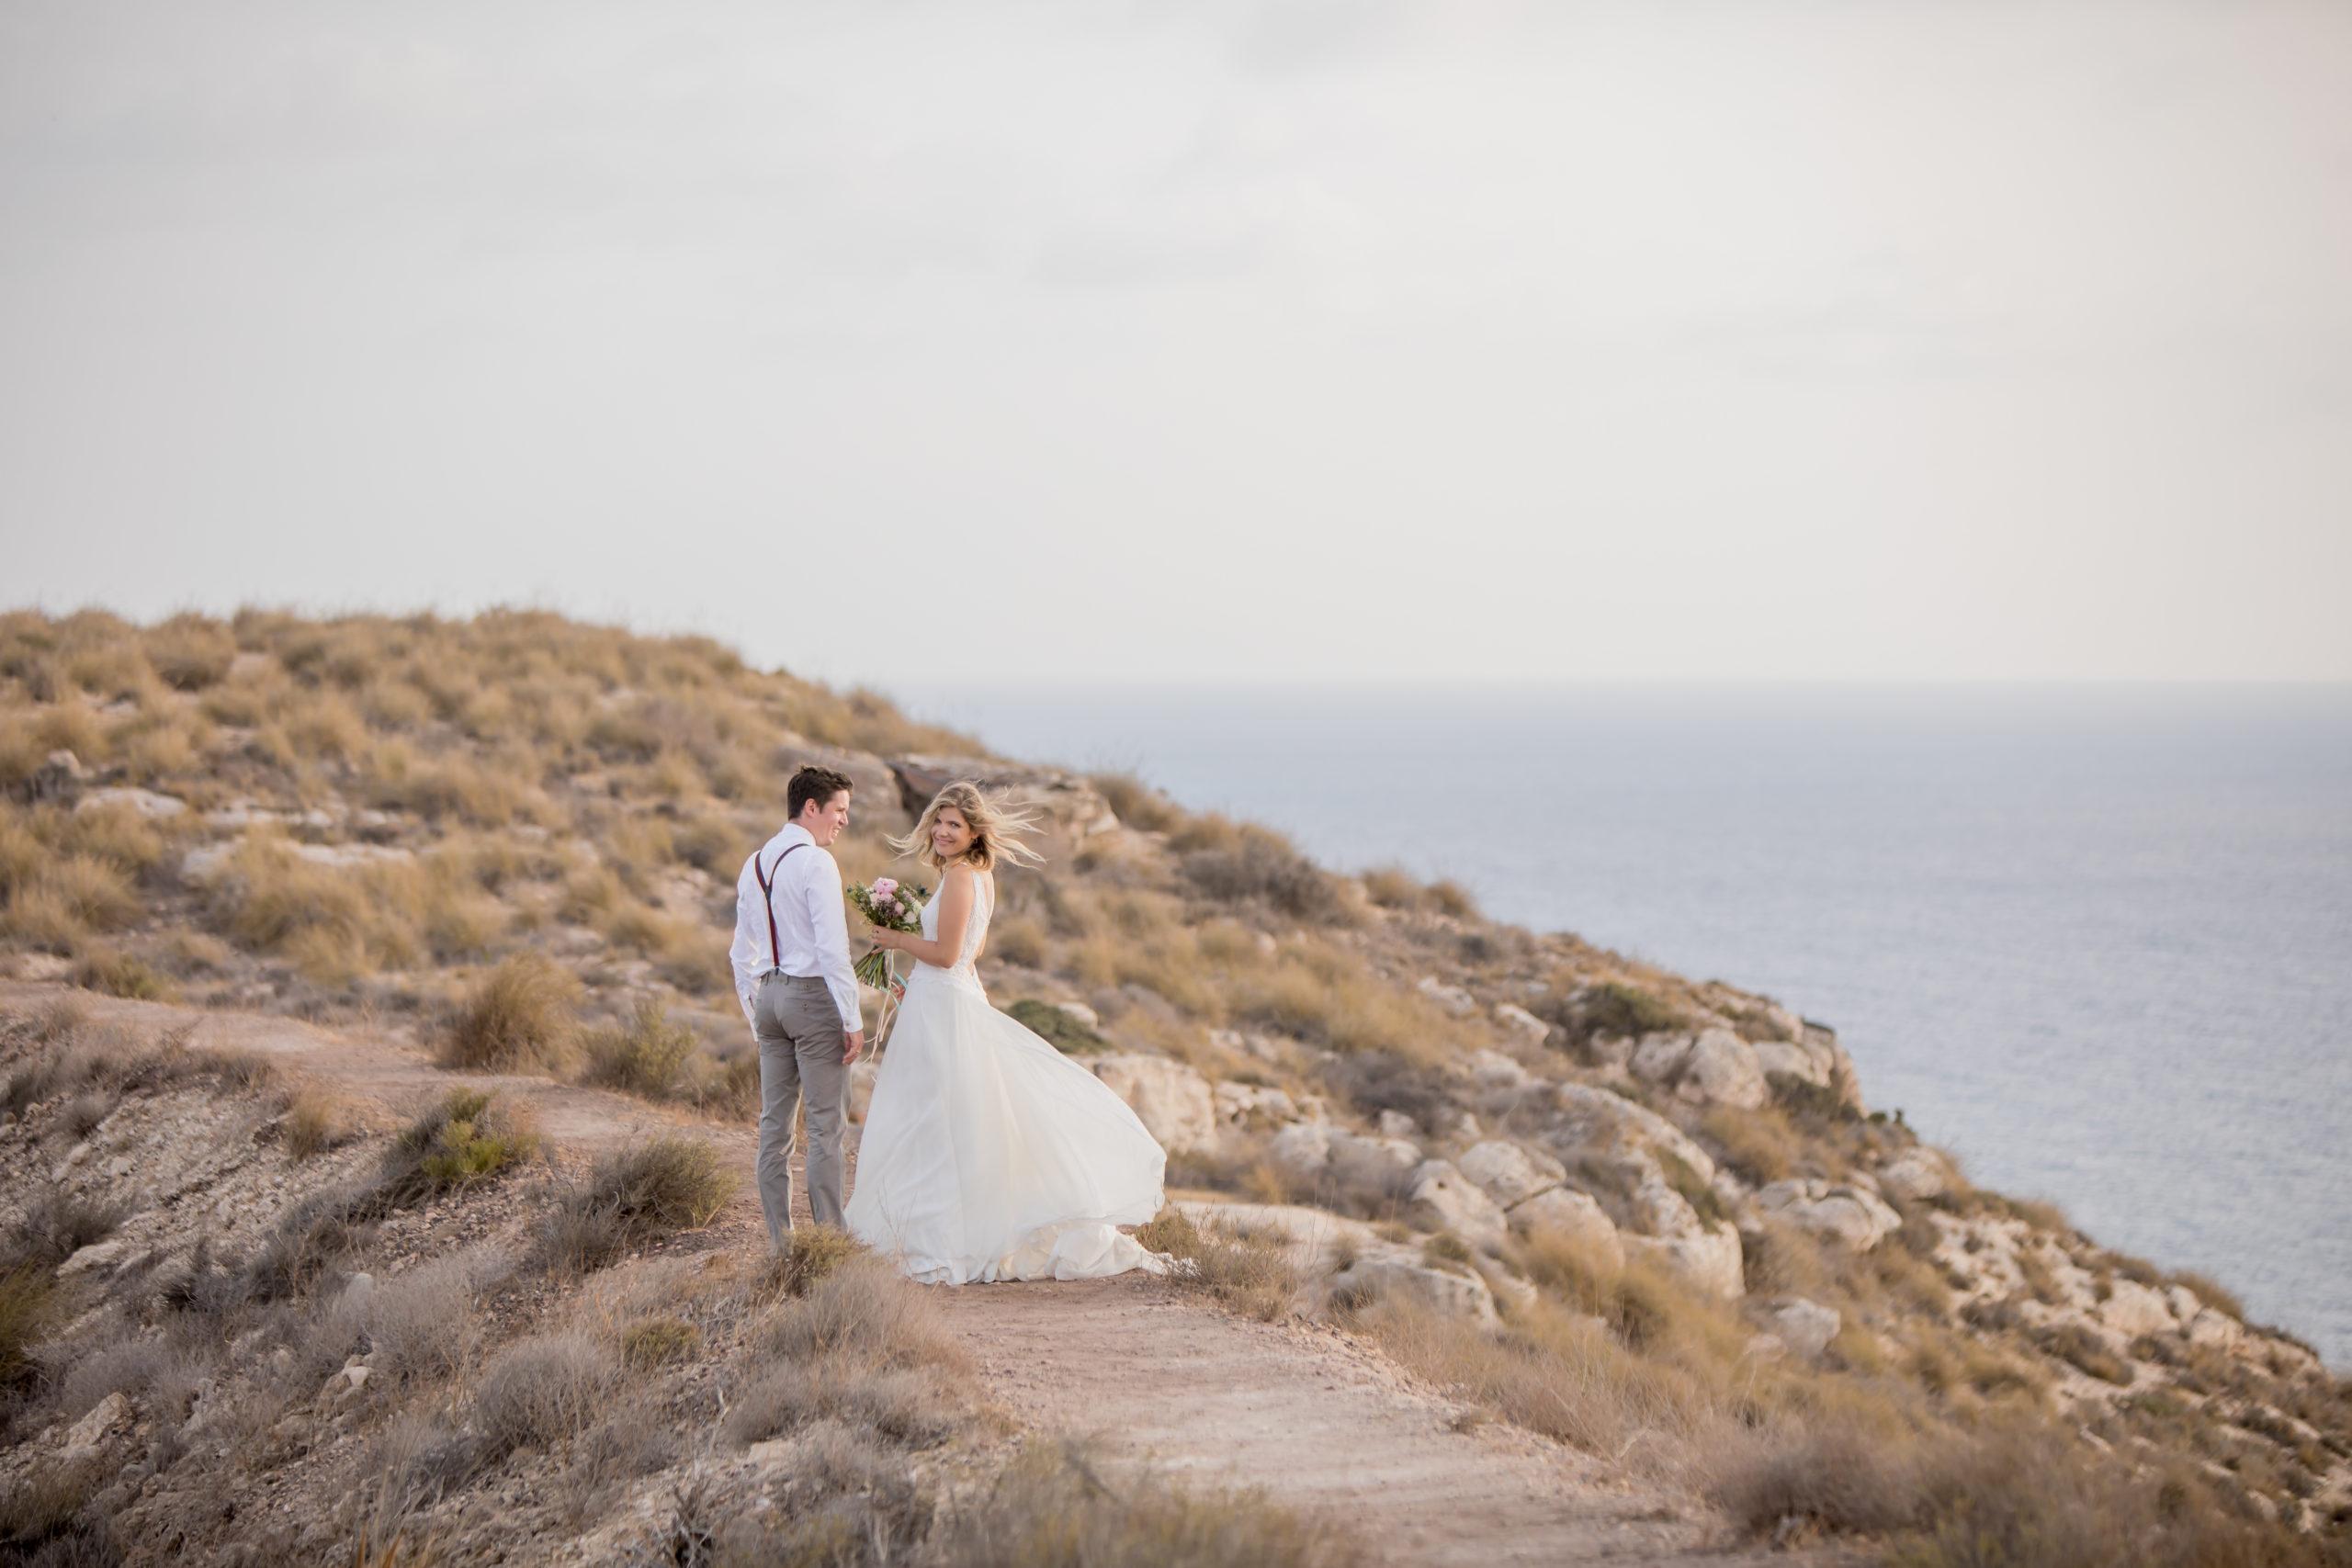 Festival Wedding in Spanien mit einem Esel als Gast – Kathi & Andi